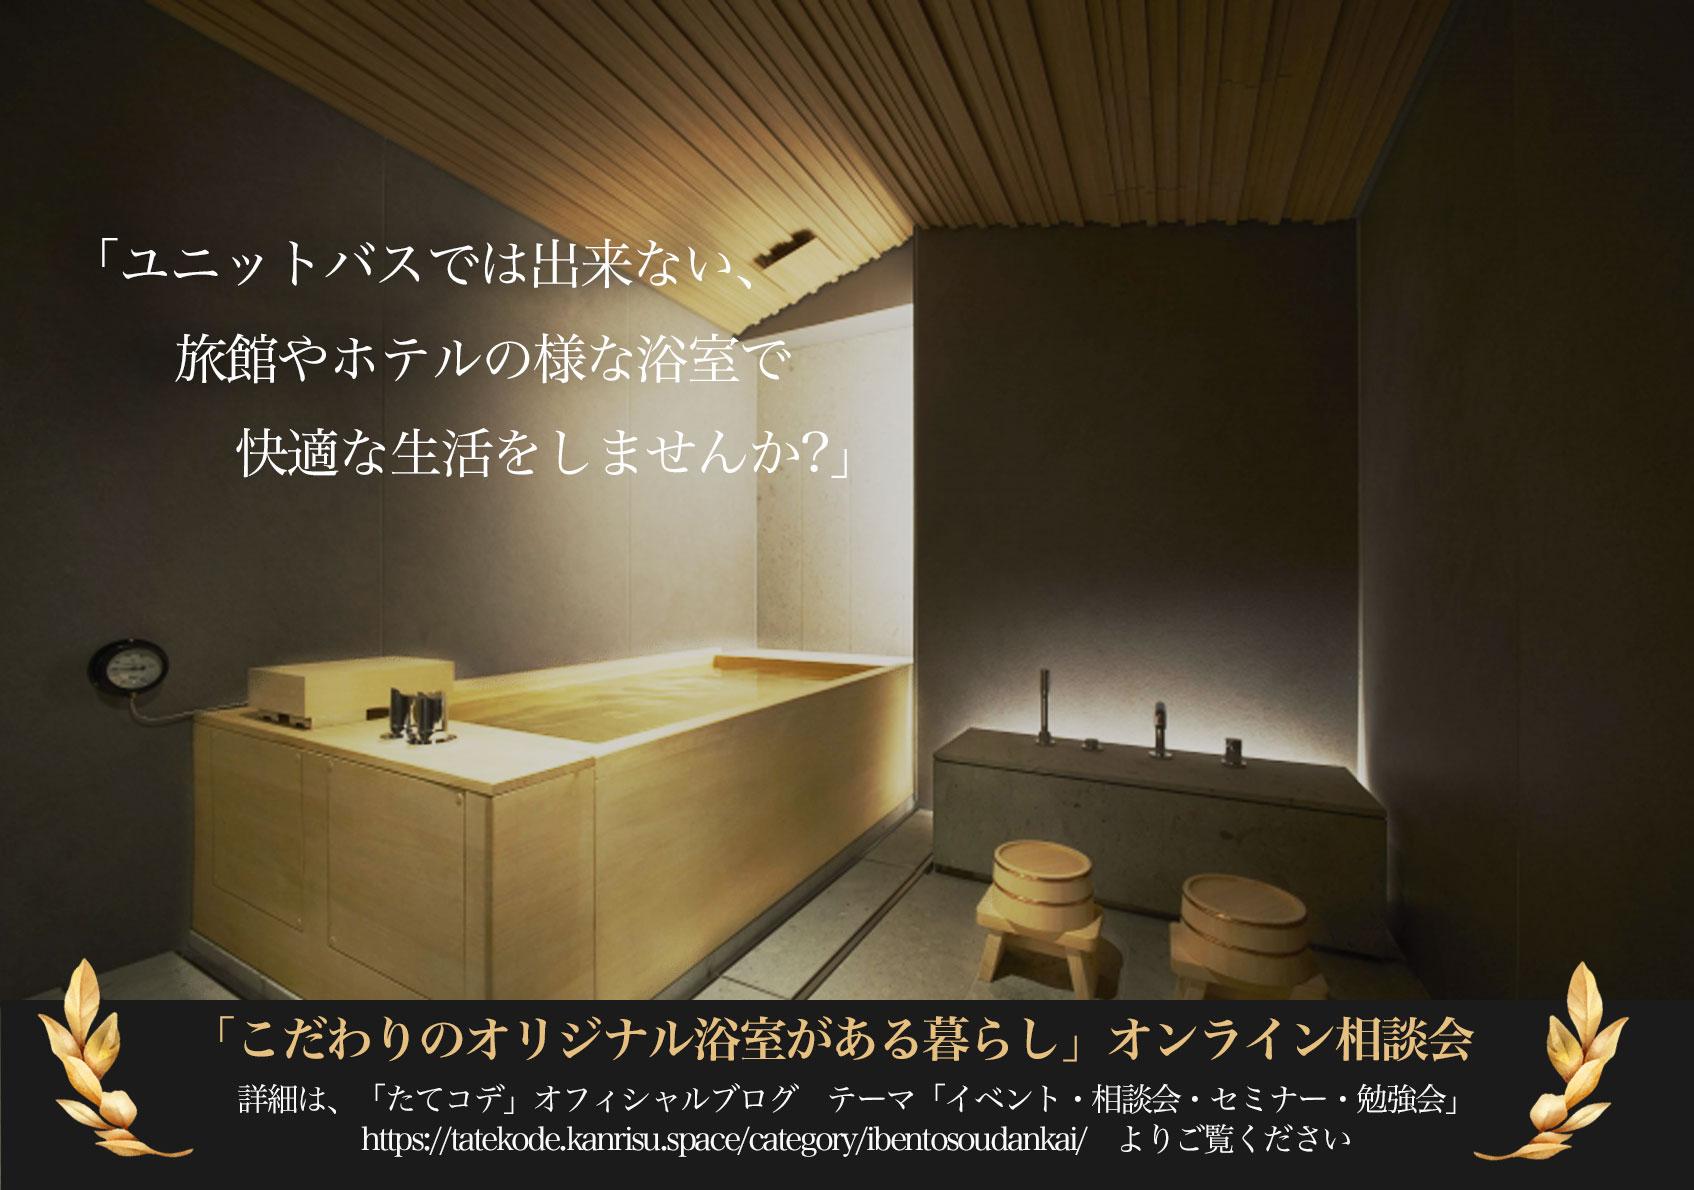 2021-7-24~8-31 夏休み限定 「ユニットバスでは出来ない、旅館やホテルの様な浴室で快適な生活をしませんか!」オンライン相談会 タテコデ